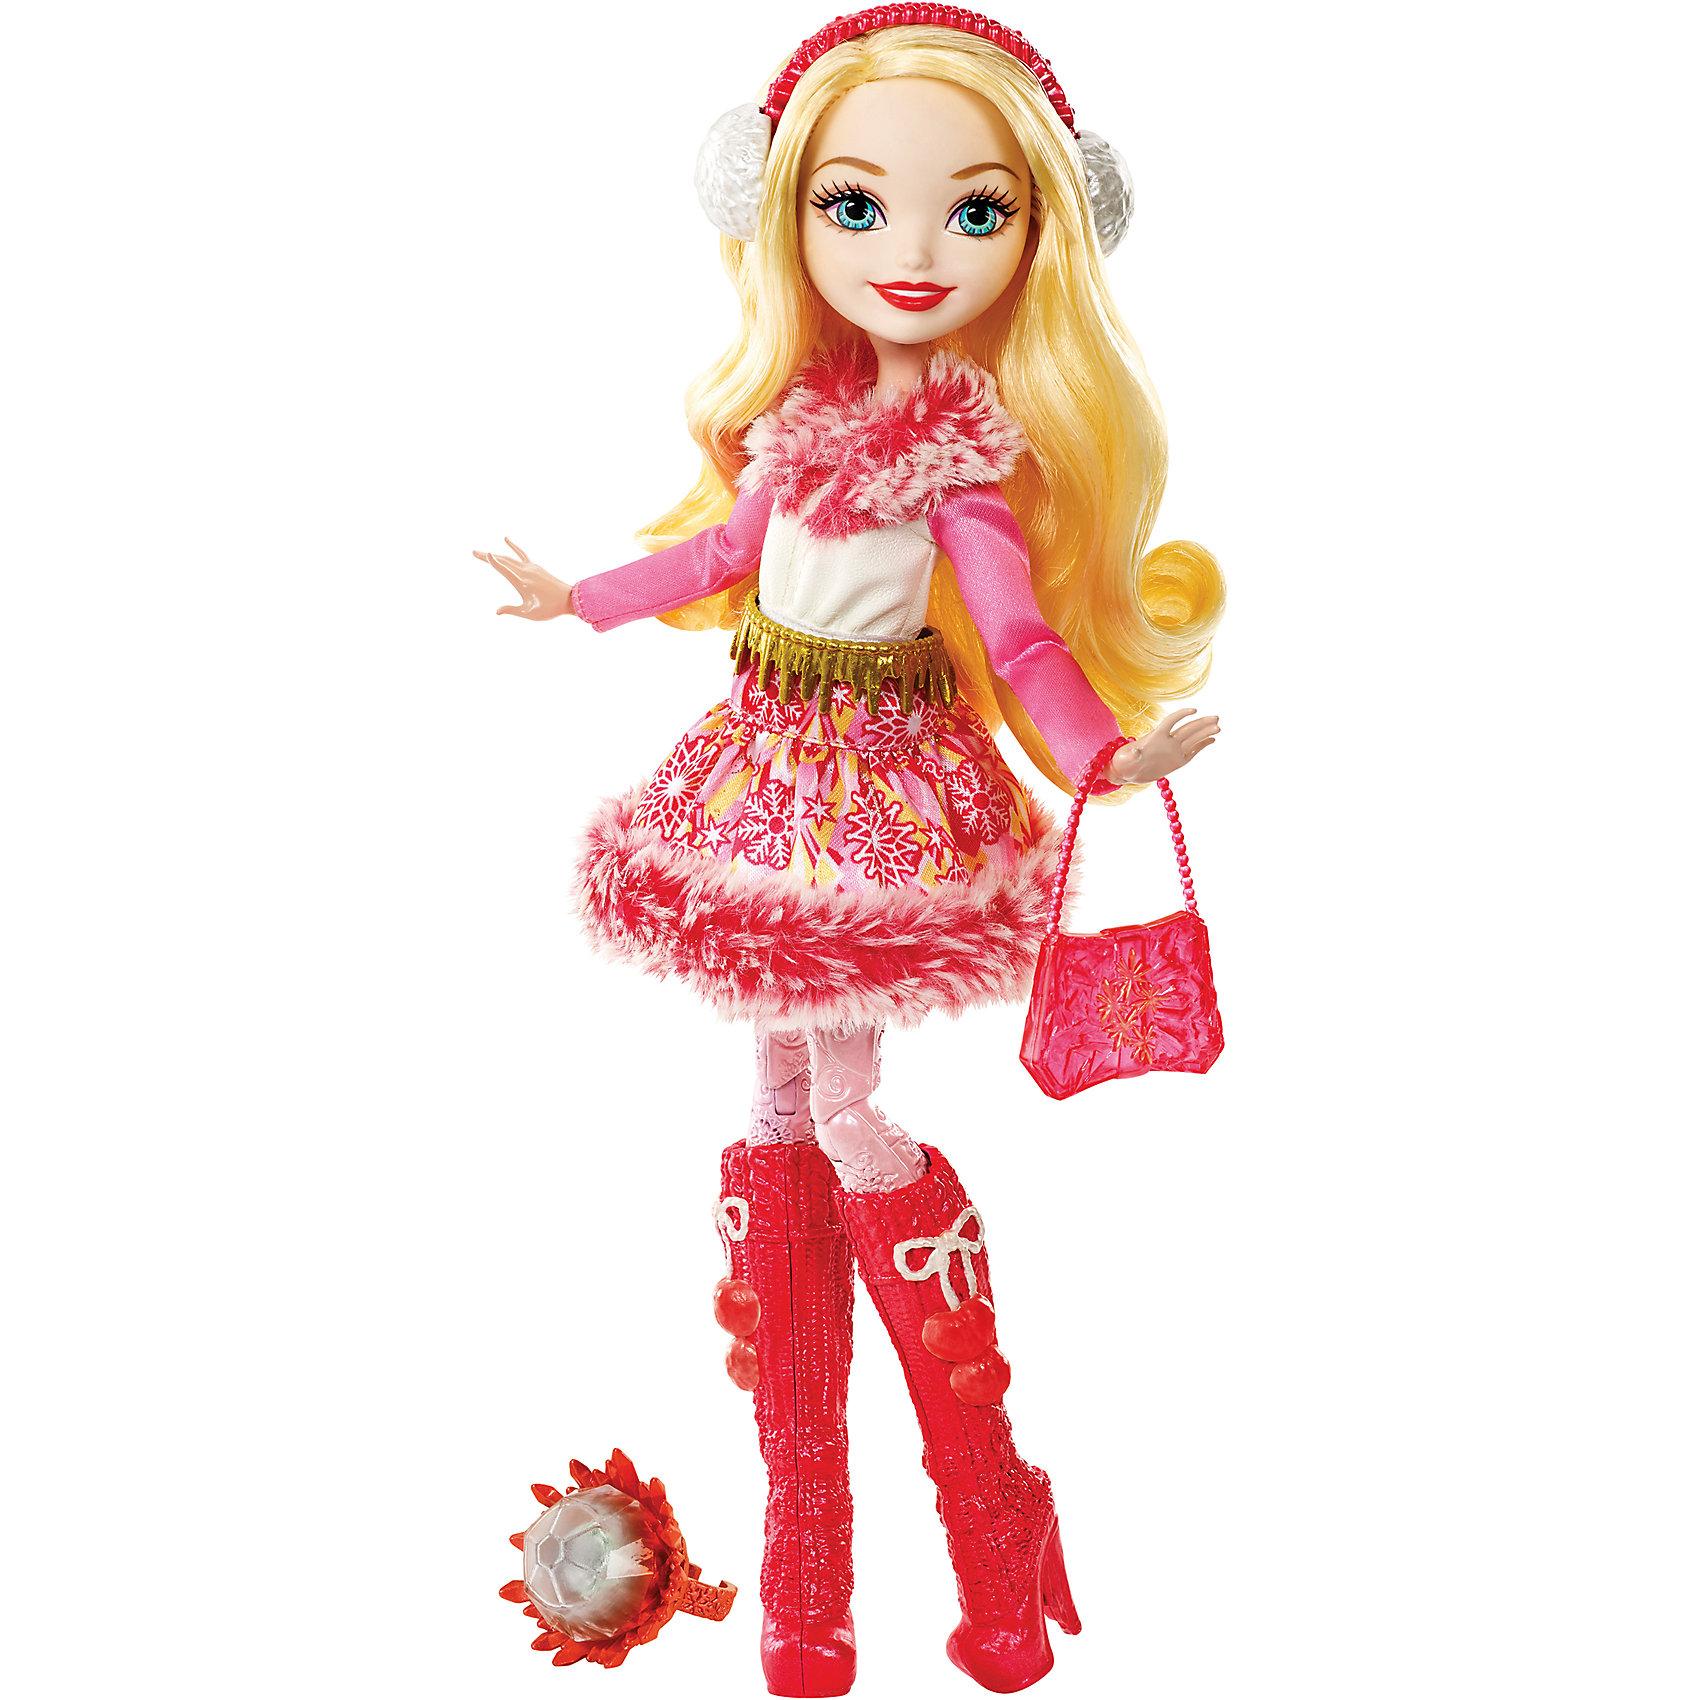 Mattel Кукла из коллекции Заколдованная зима, Ever After High mattel кукла эппл уайт ever after high